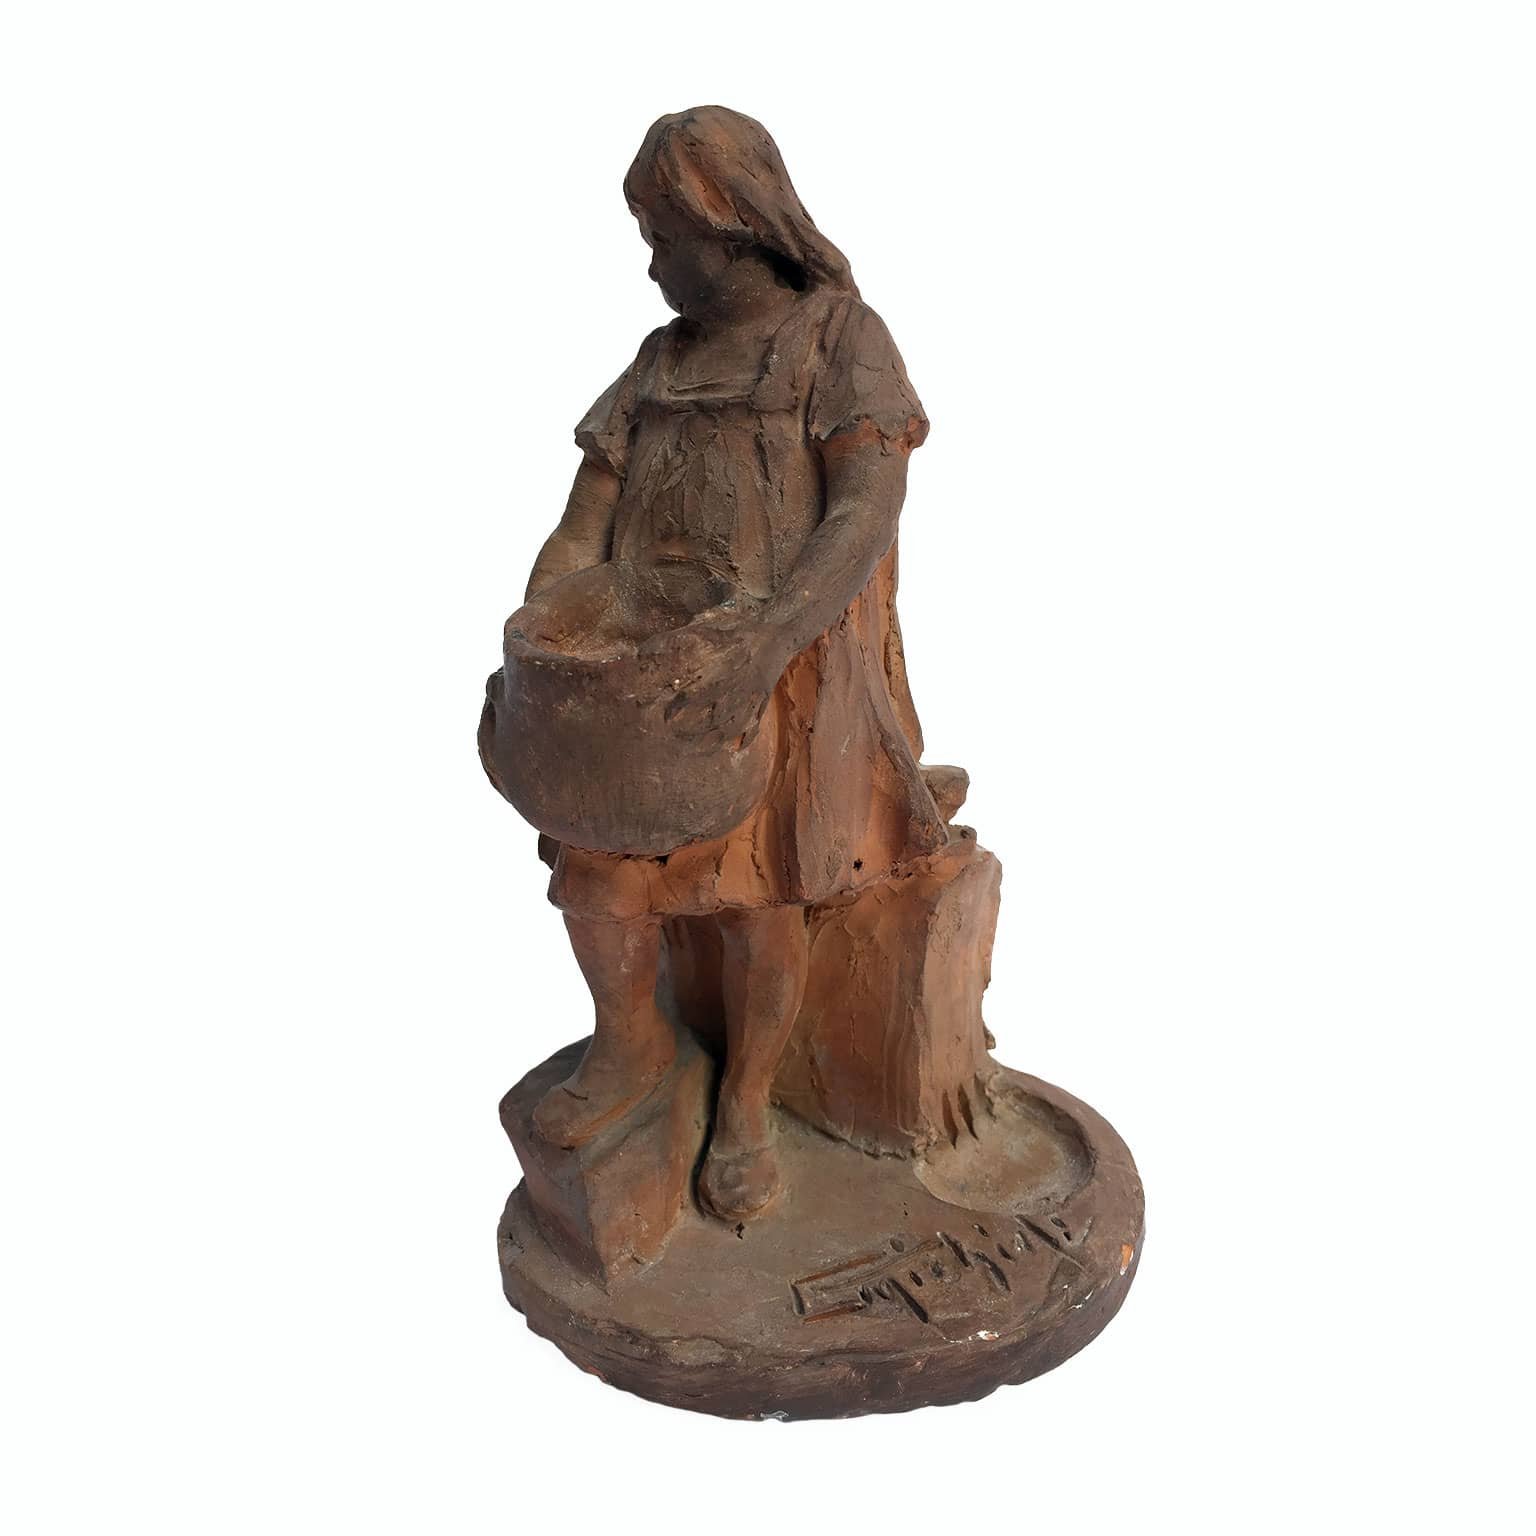 Michieli Guglielmo Scultura in Terracotta inizi 1900